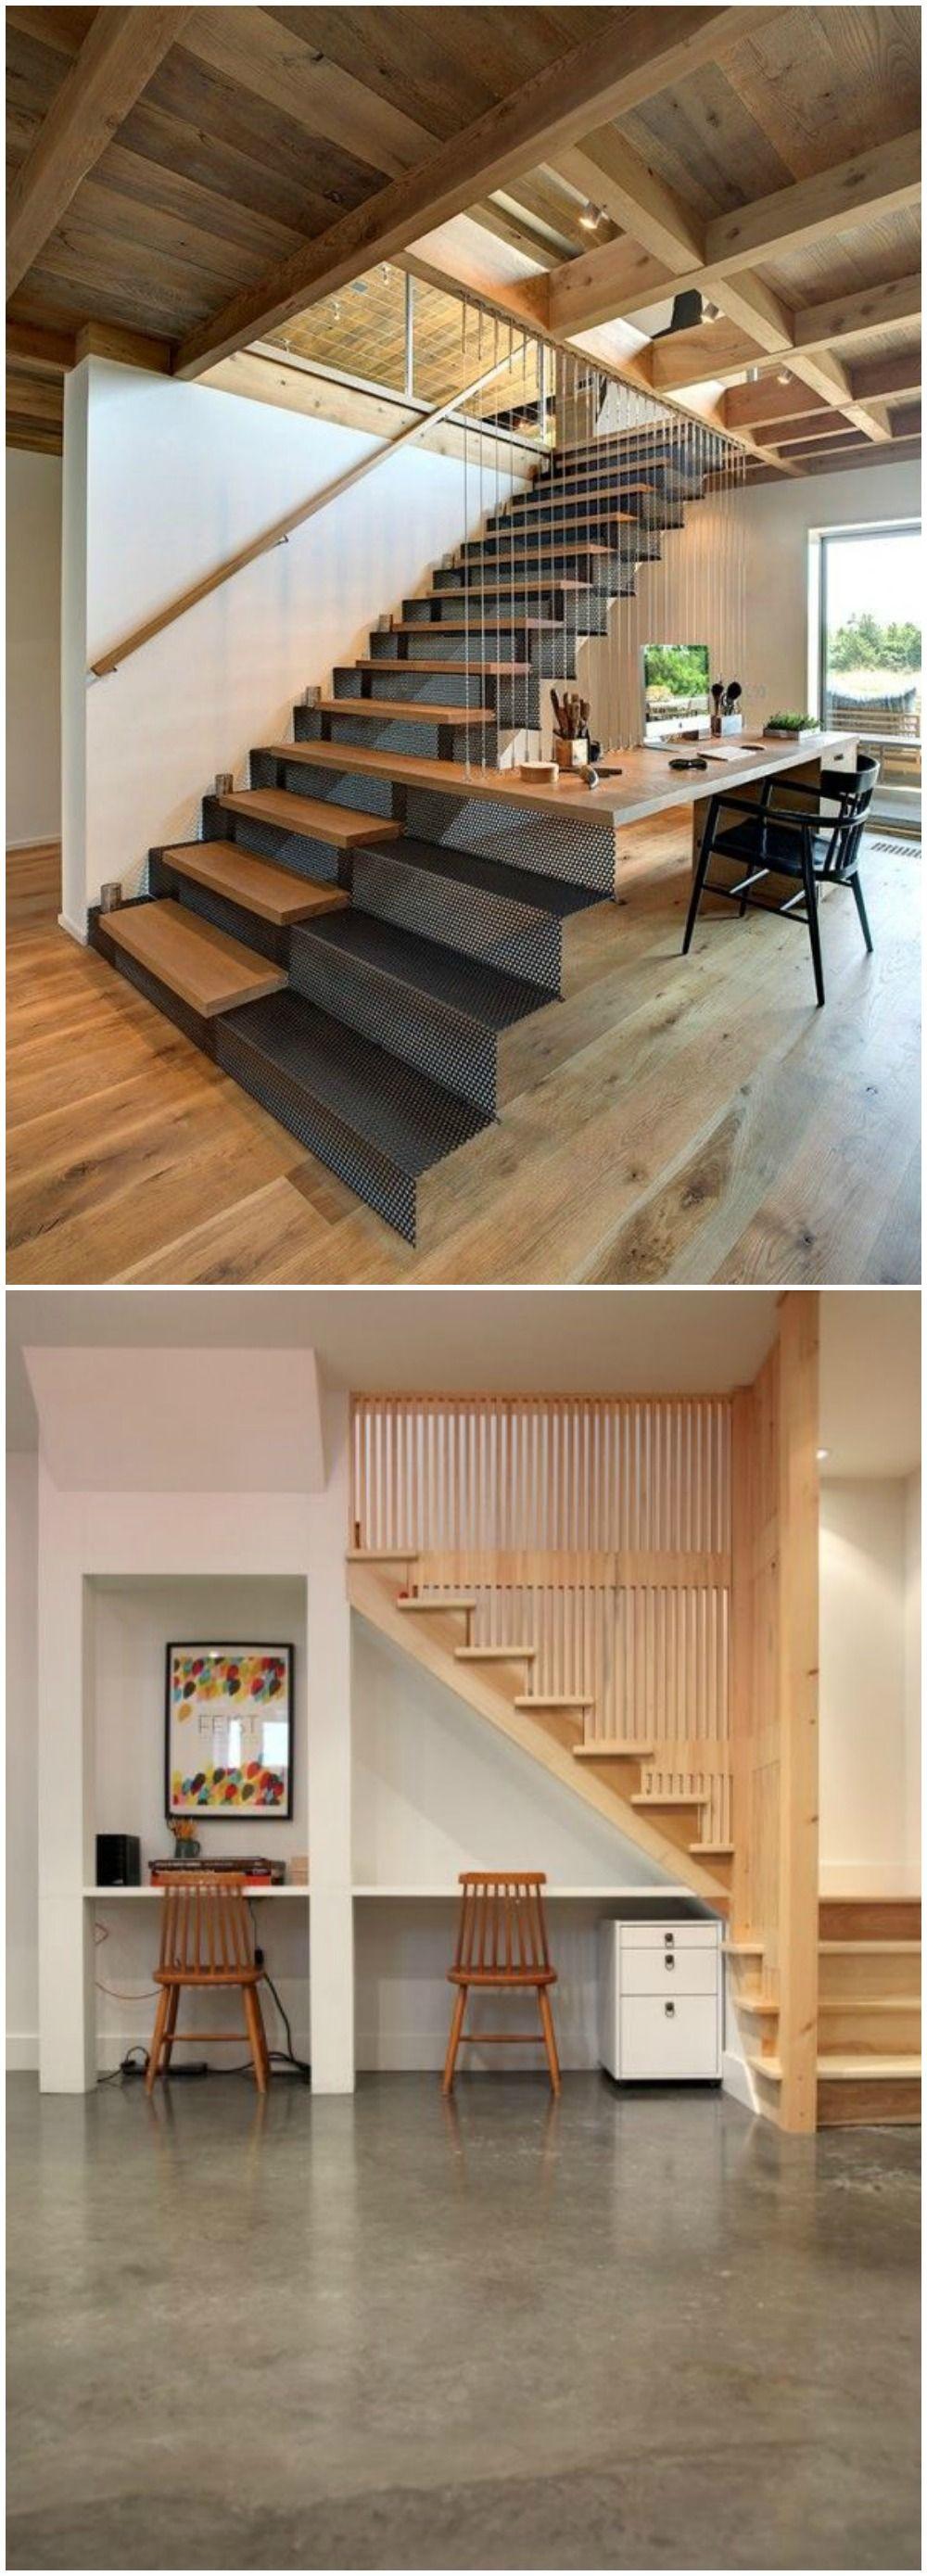 Baldosas para escaleras interiores precios stunning cocina y bao como nuevos renovndolos con - Precio escaleras interiores ...